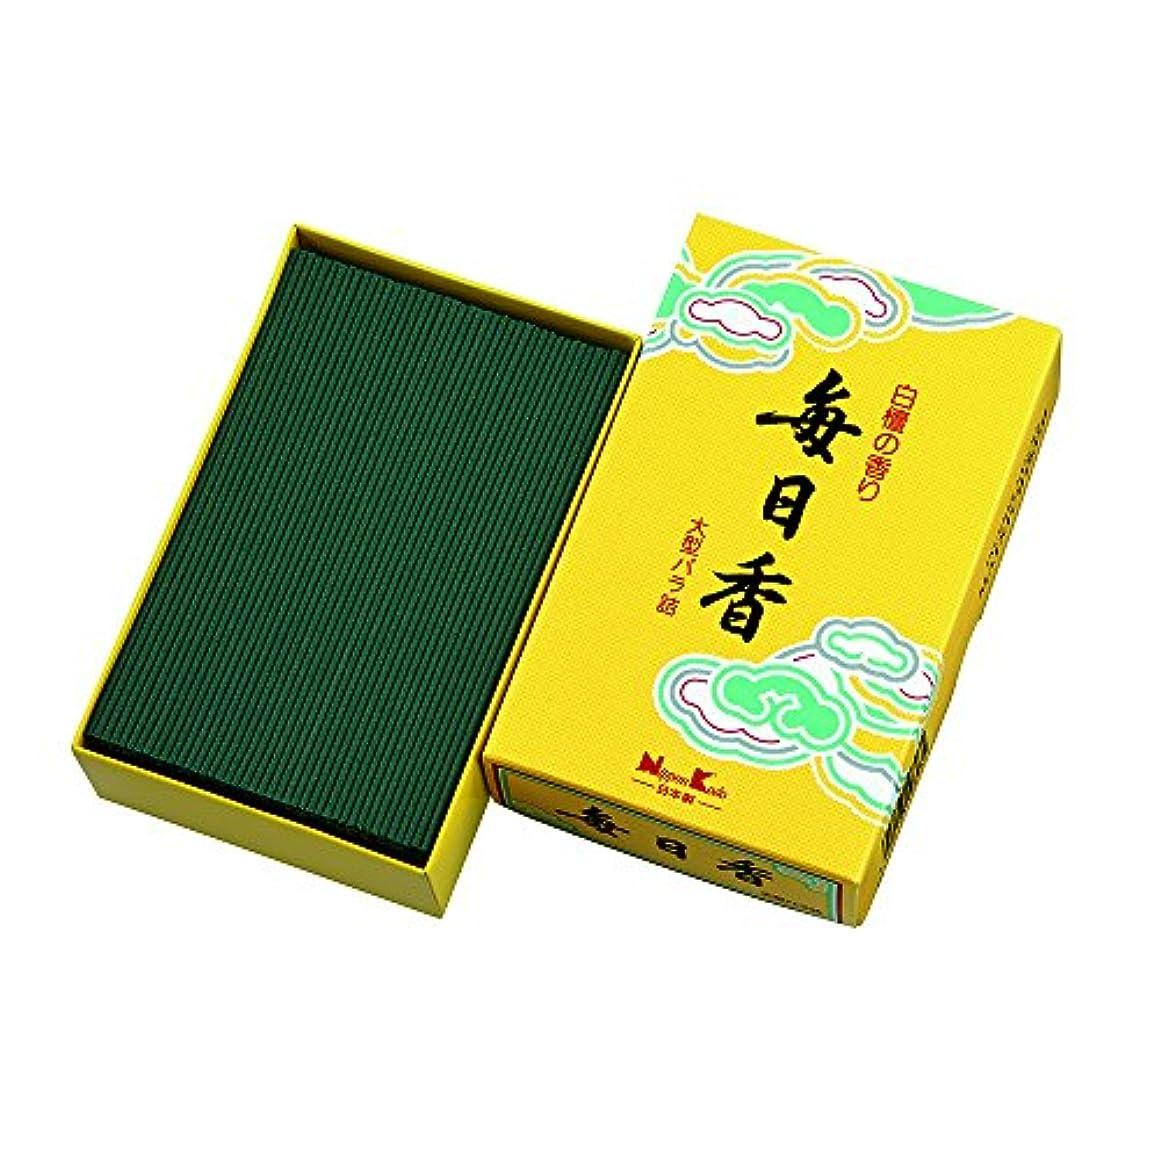 ユーザー気質トロピカル毎日香 大型バラ詰 約240g